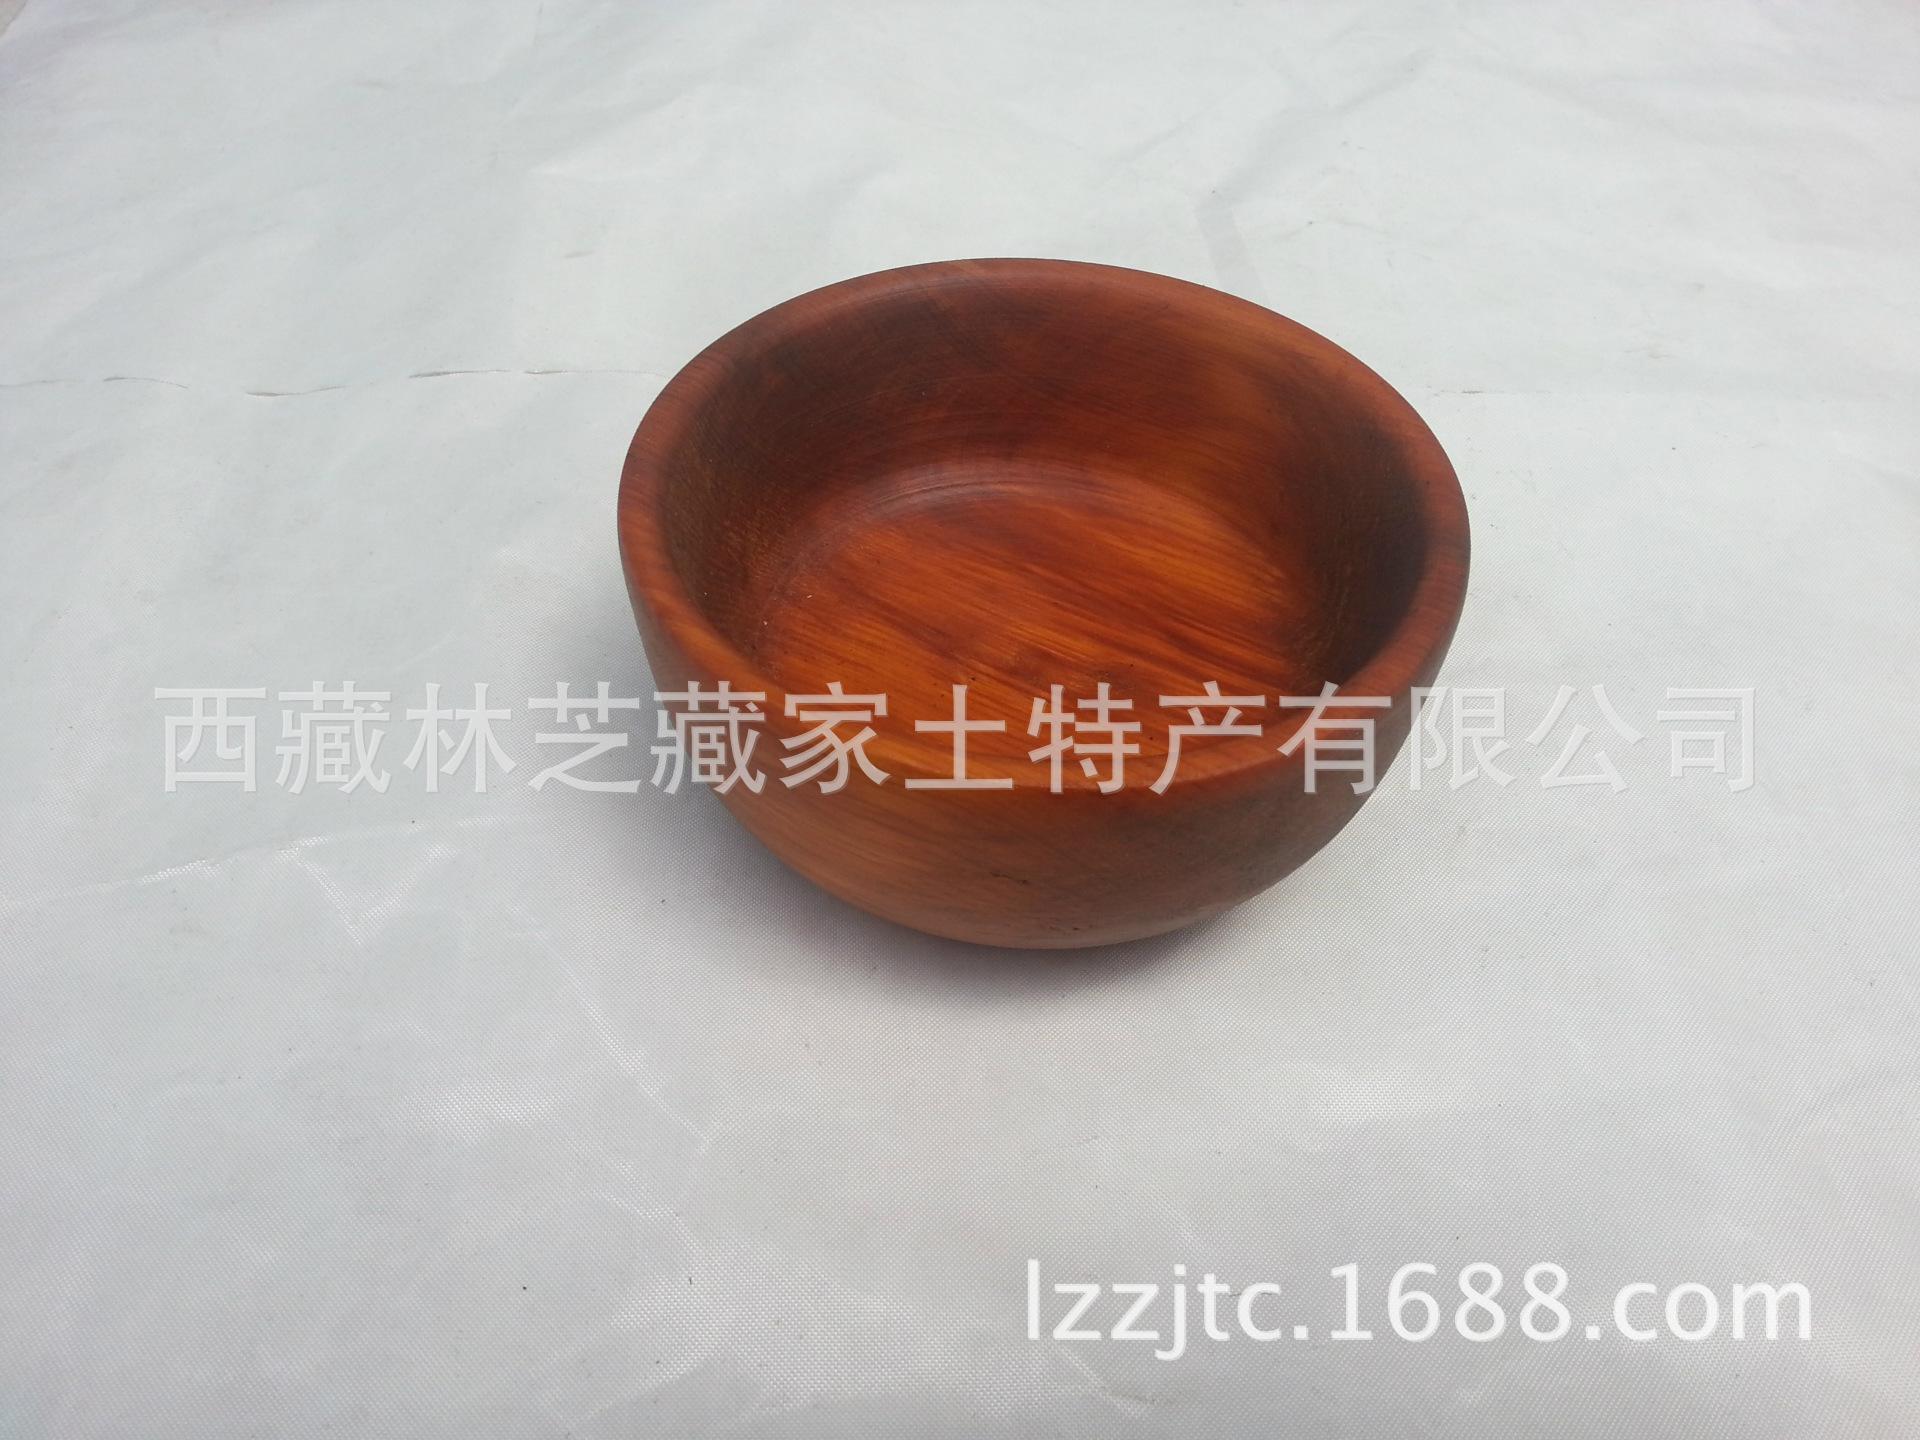 Профессиональное предложение традиционных деревянных чаш в Тибете. Великолепное мастерство и изысканные деревянные миски